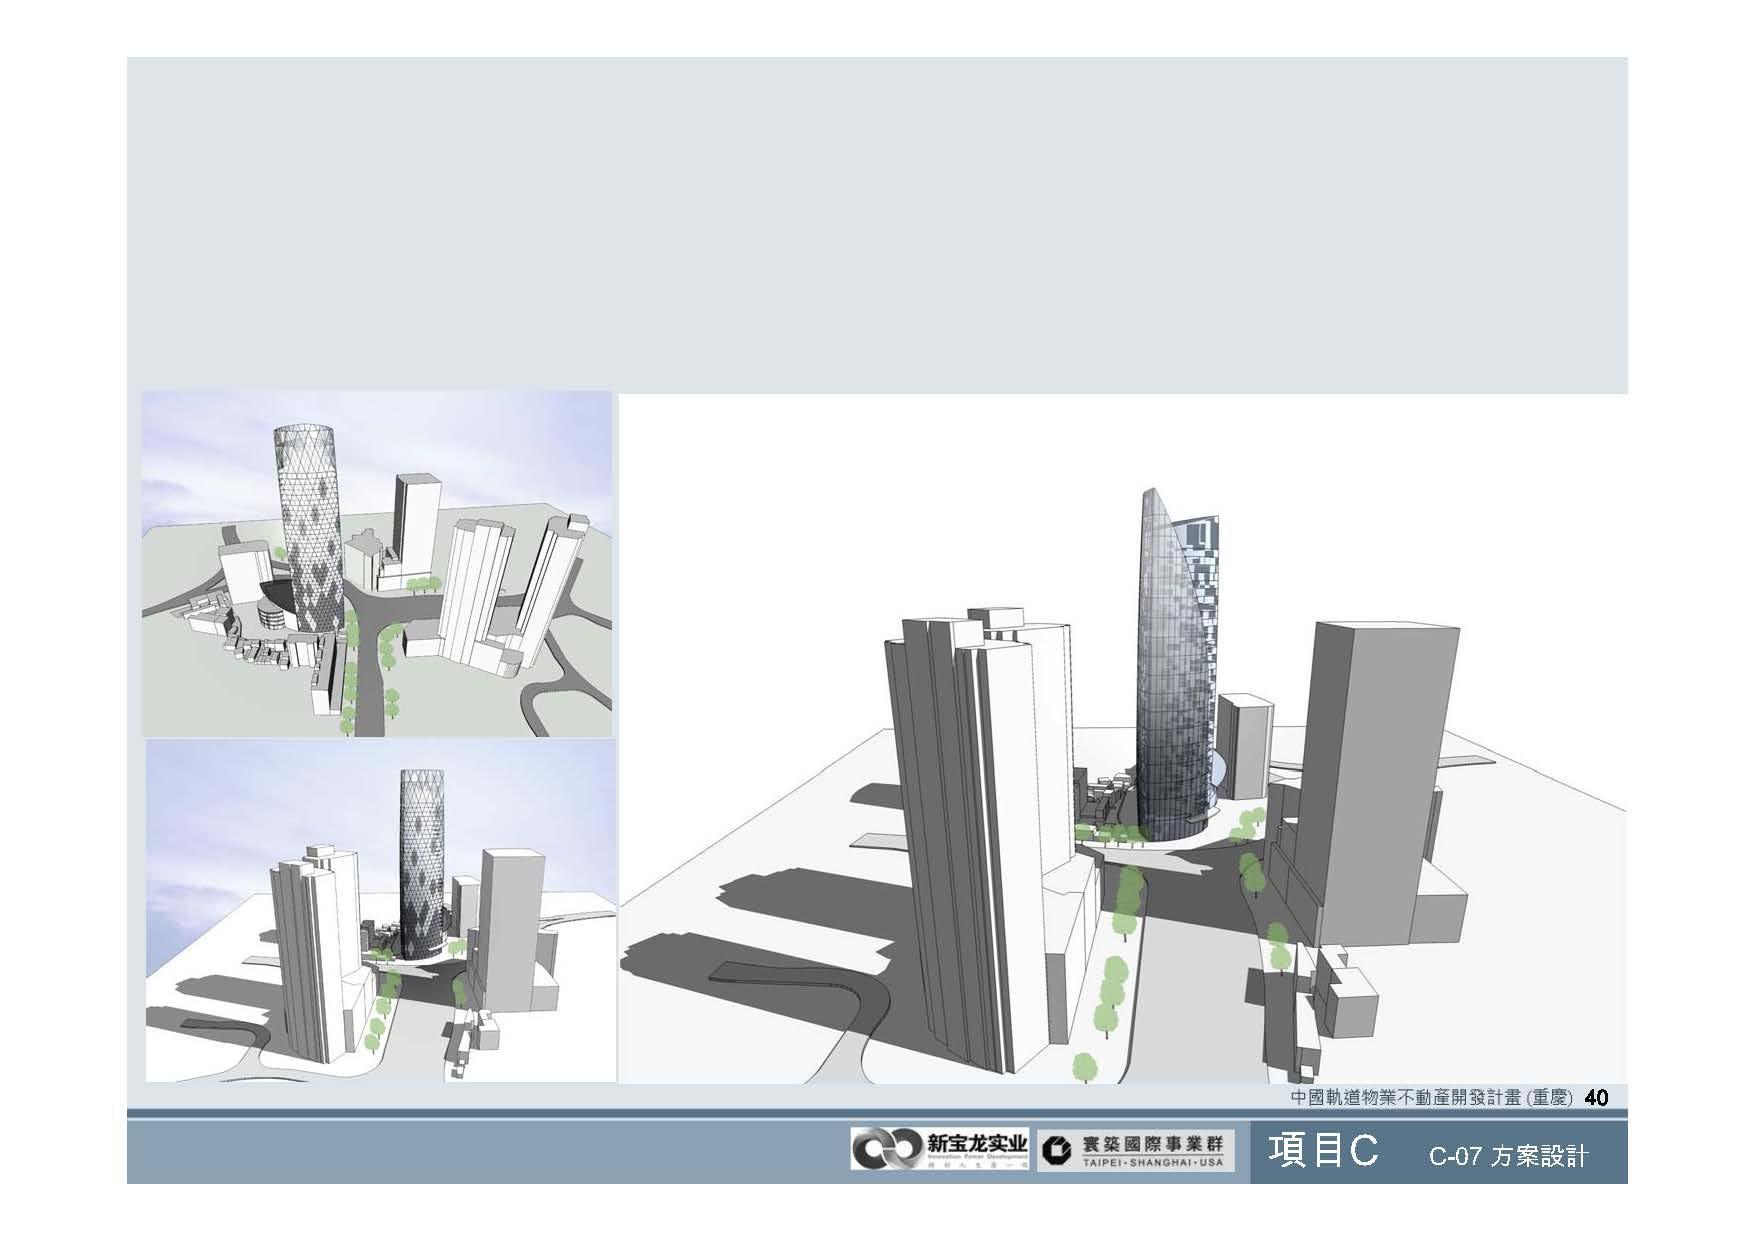 20100812-中國軌道物業不動產開發計畫(重慶)_頁面_41